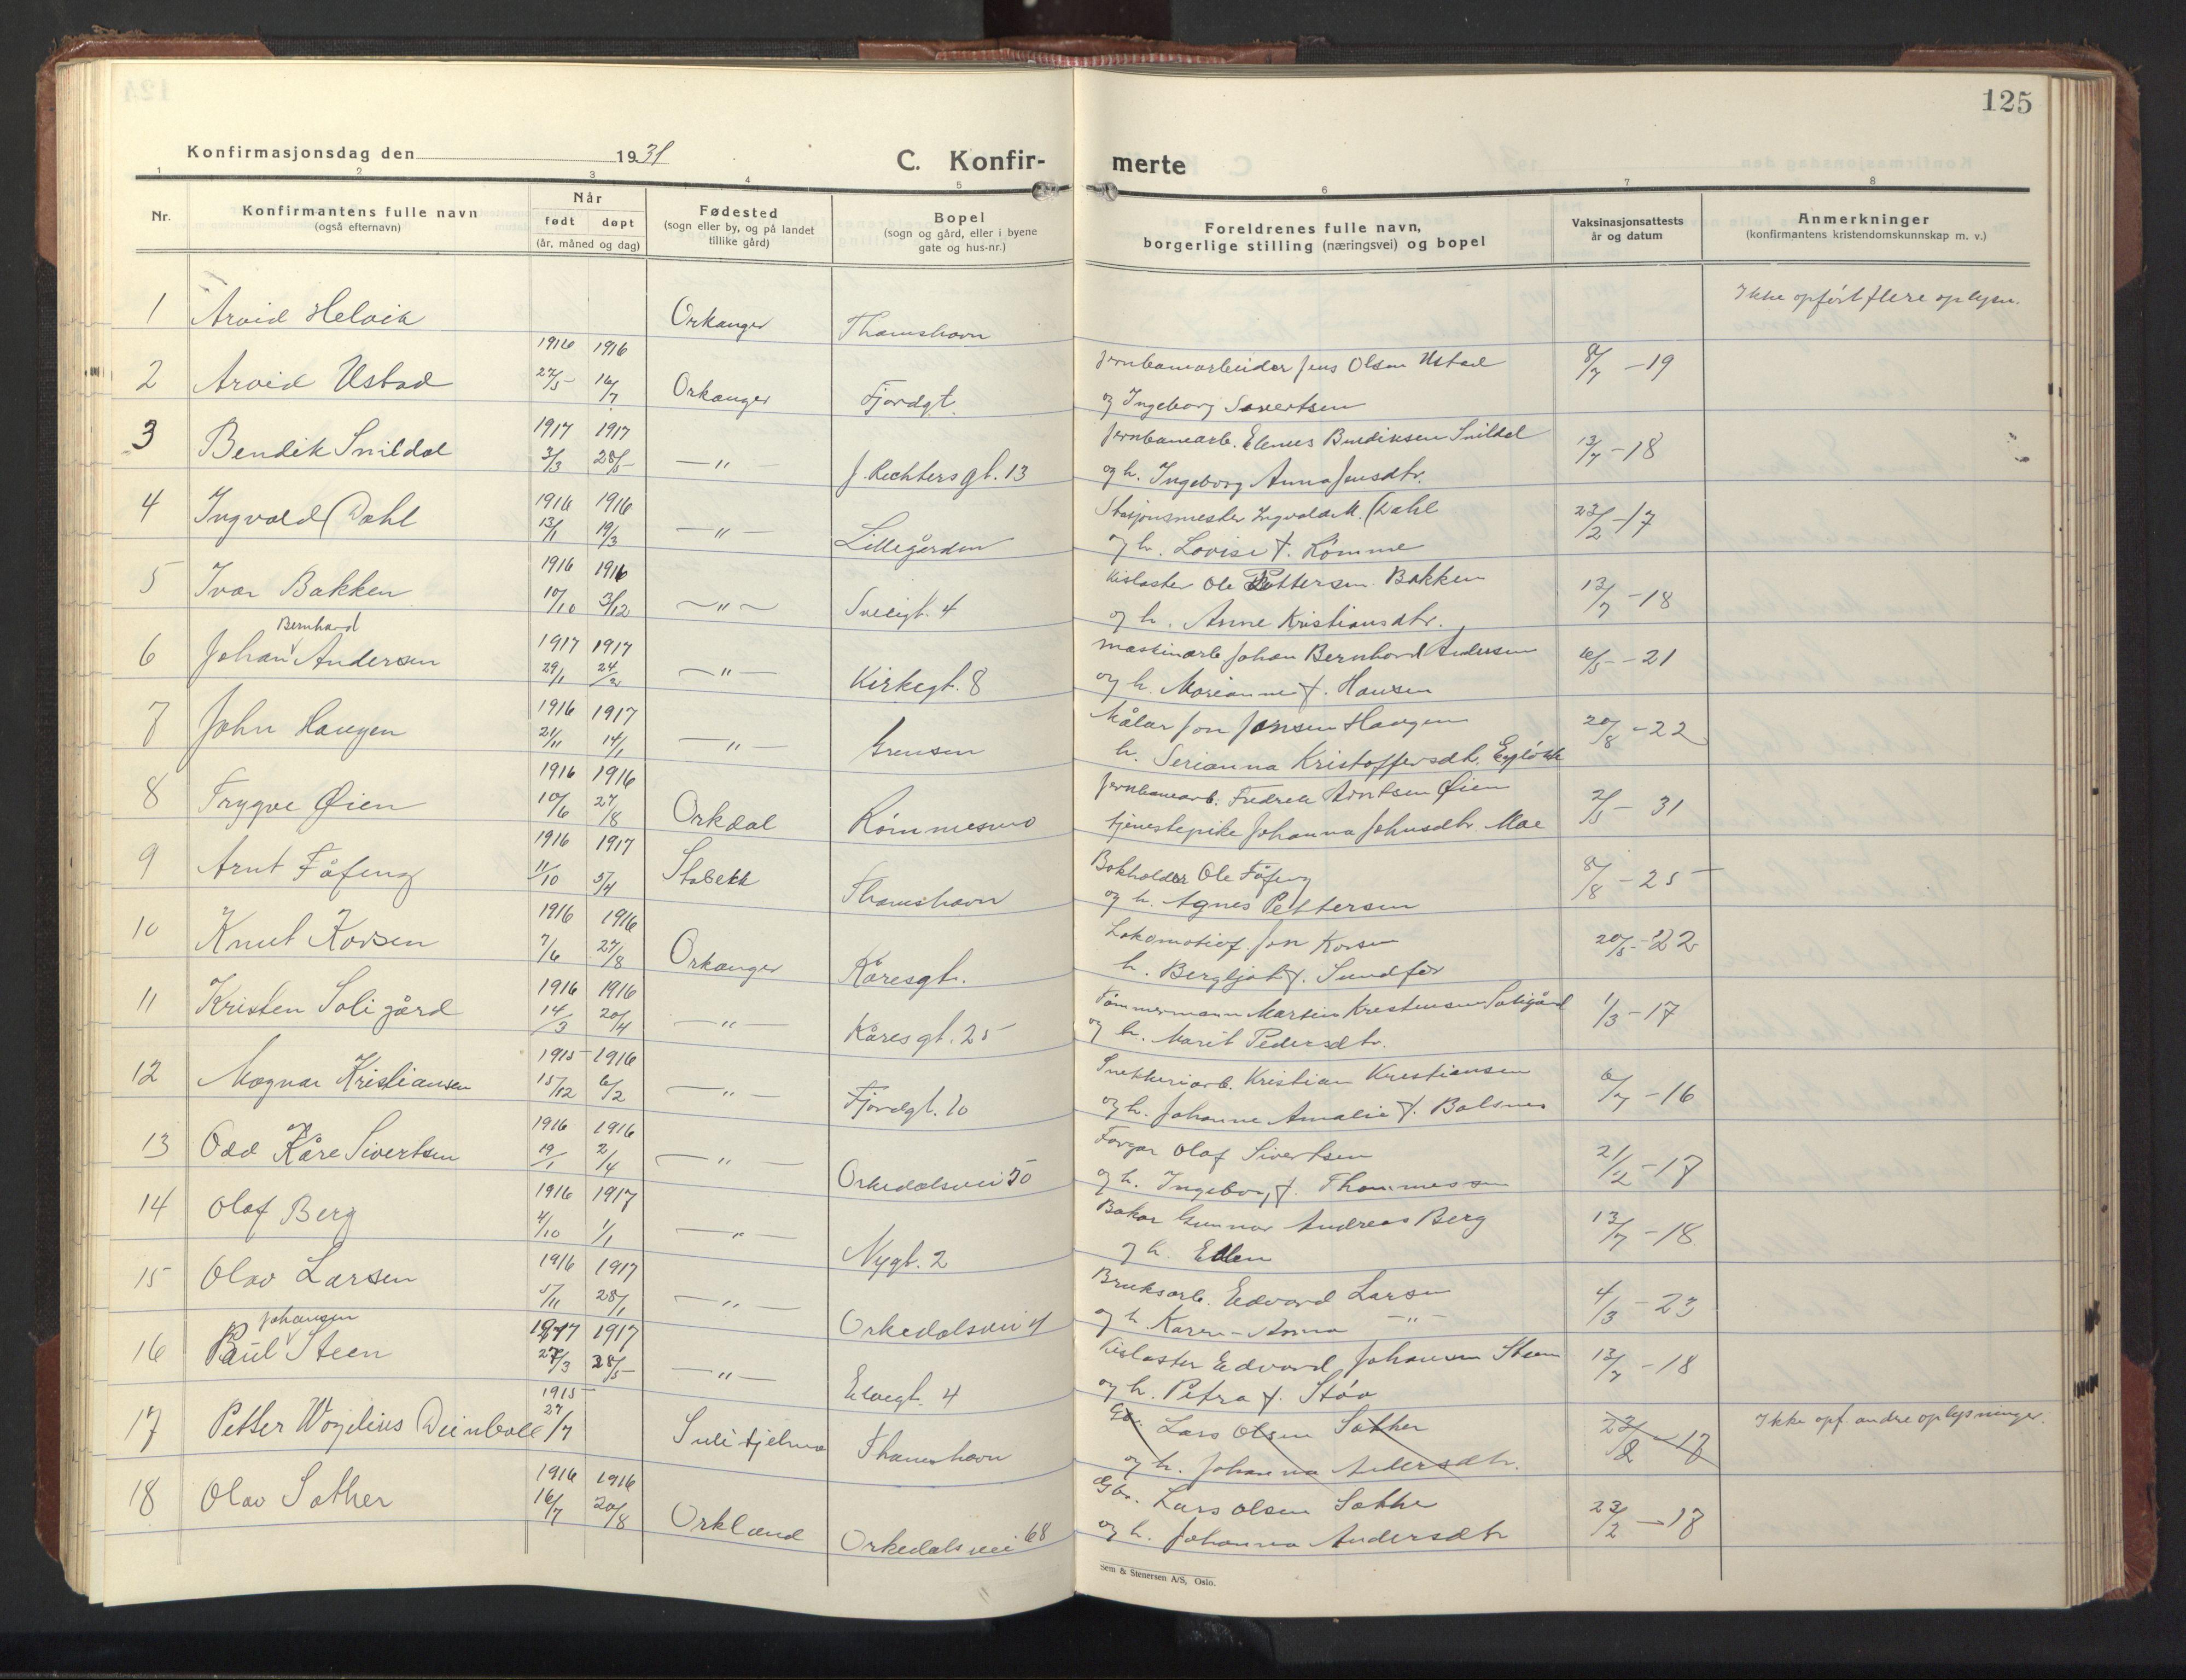 SAT, Ministerialprotokoller, klokkerbøker og fødselsregistre - Sør-Trøndelag, 669/L0832: Klokkerbok nr. 669C02, 1925-1953, s. 125